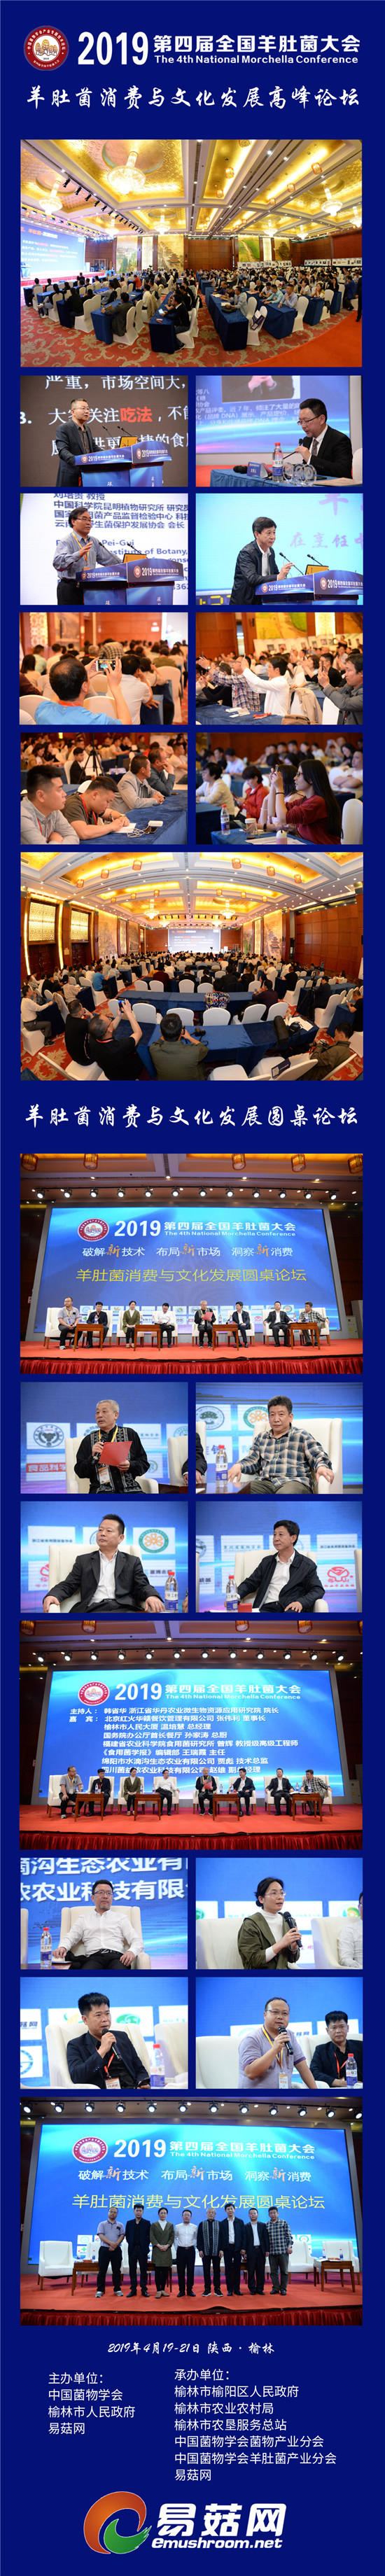 2019羊肚菌会议--羊肚菌消费与文化发展高峰论坛拼图